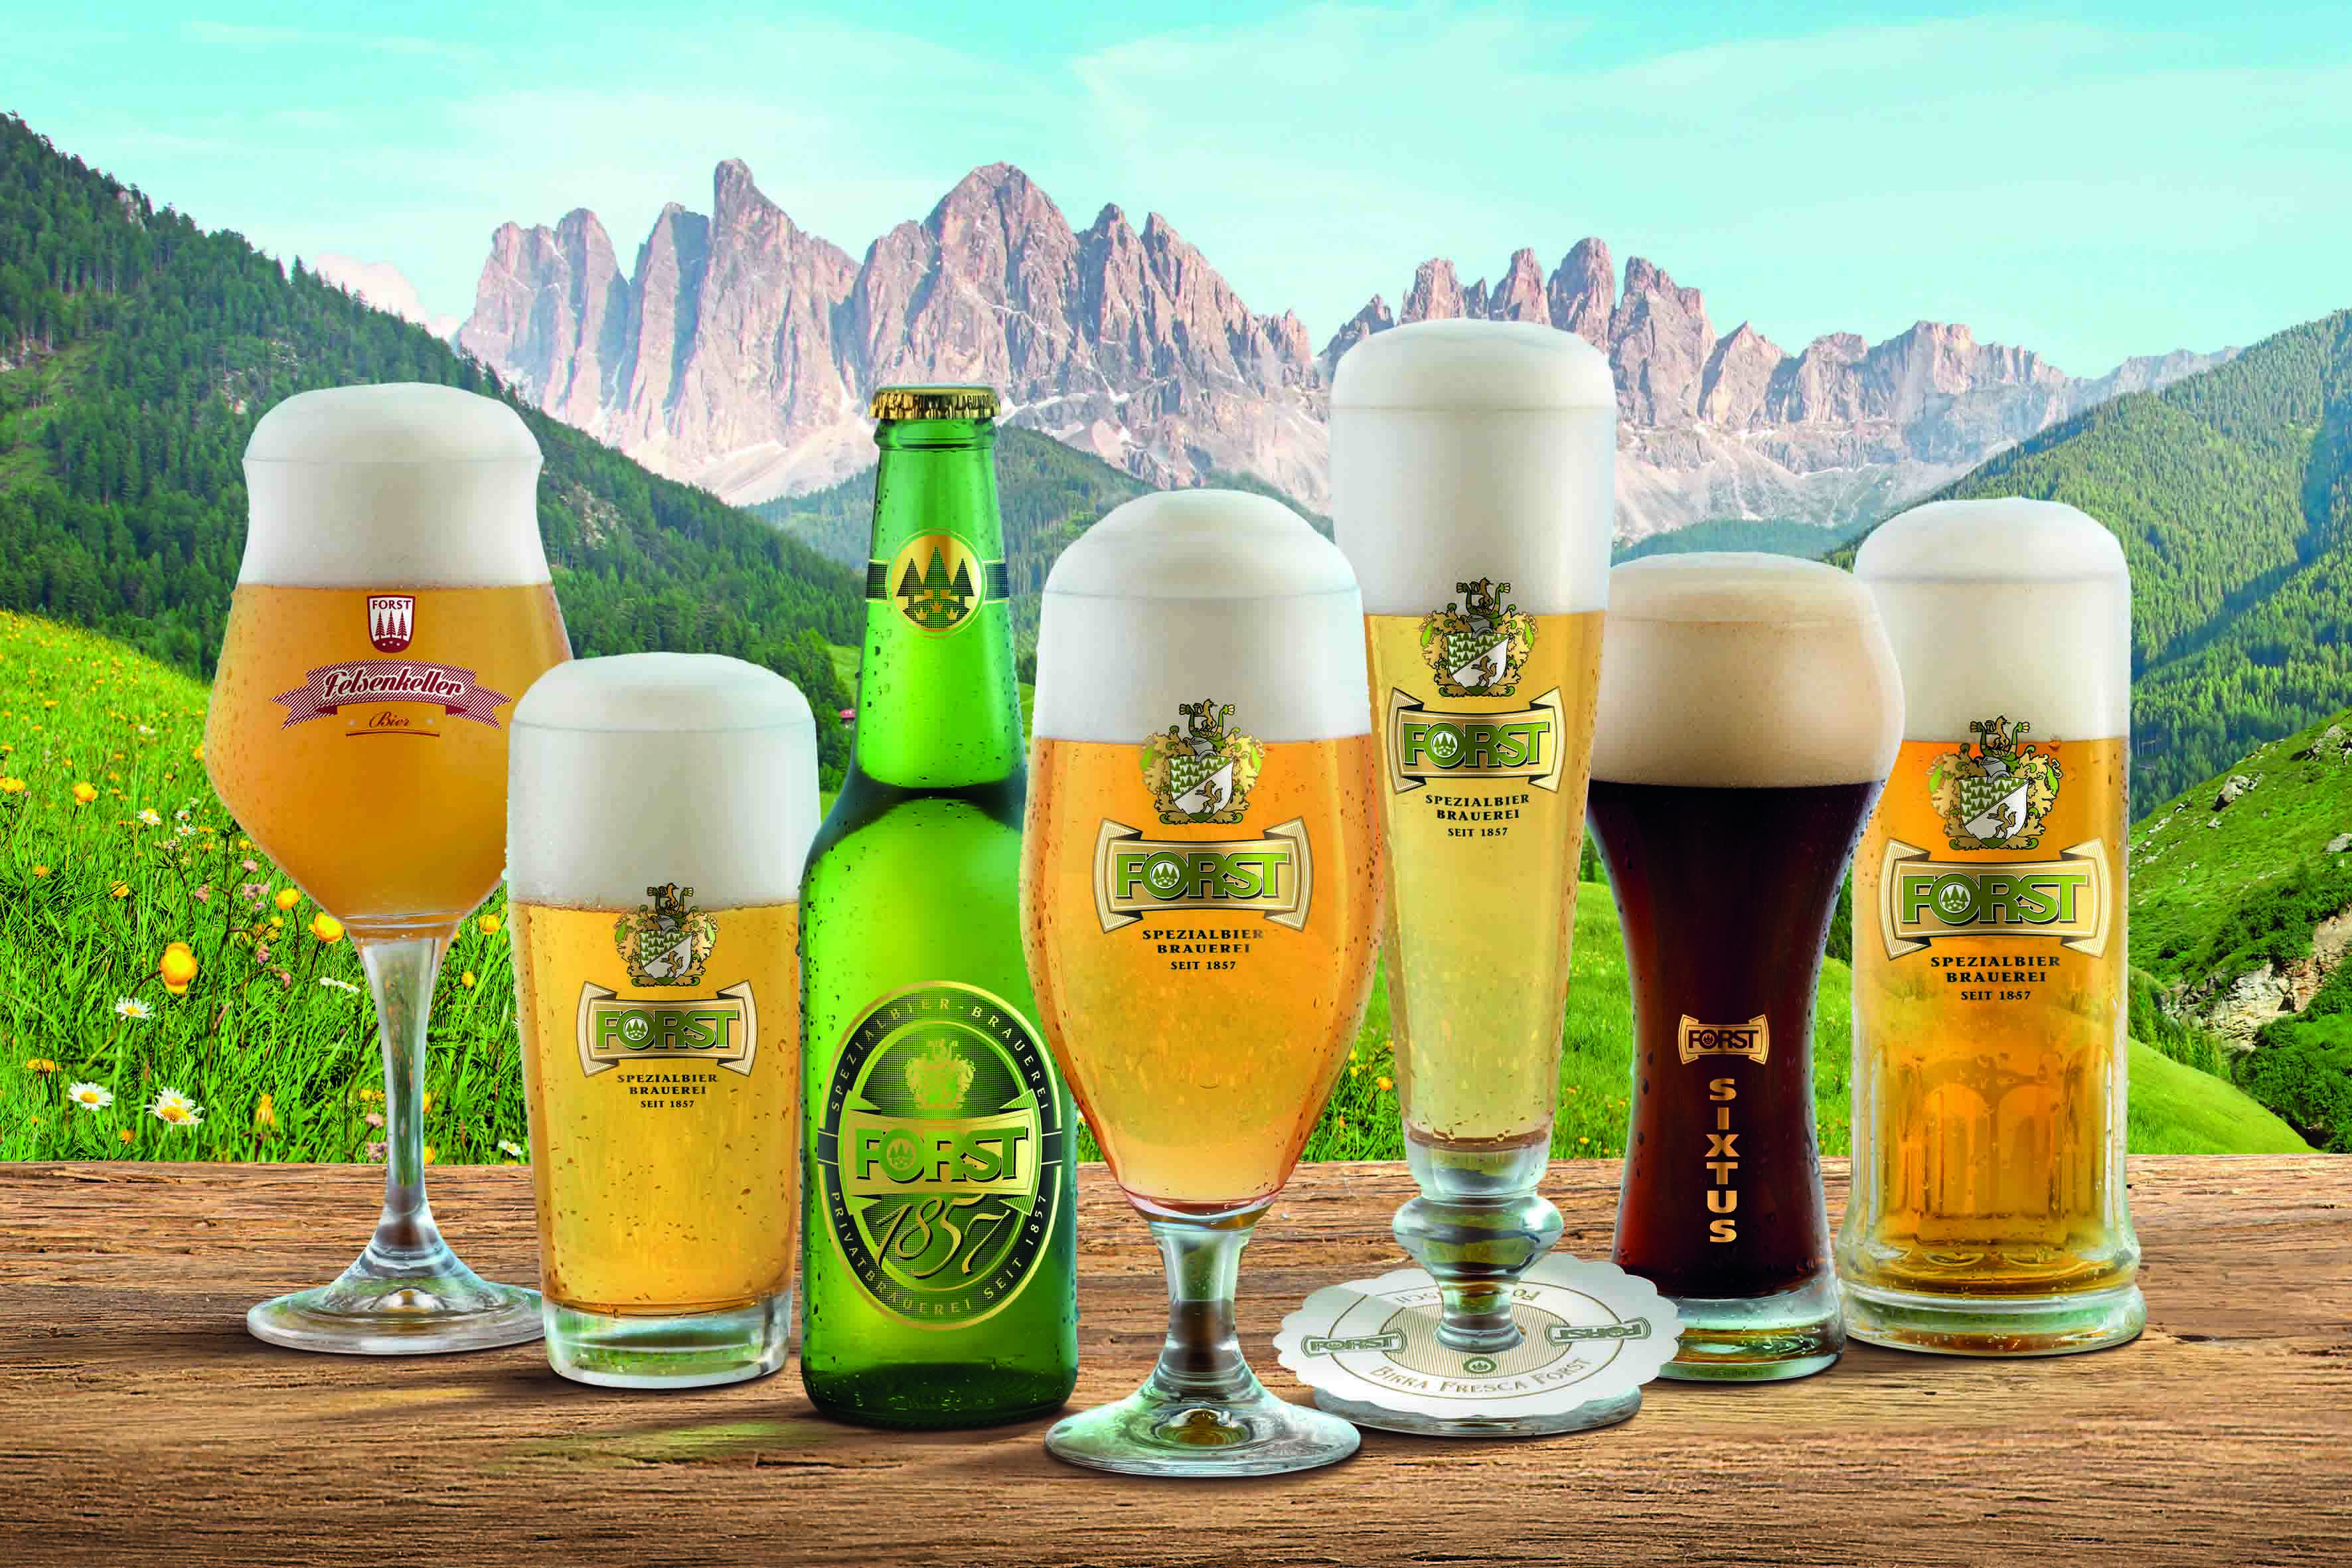 Birra forst da sempre vicino ai ciclisti for Giardino forst